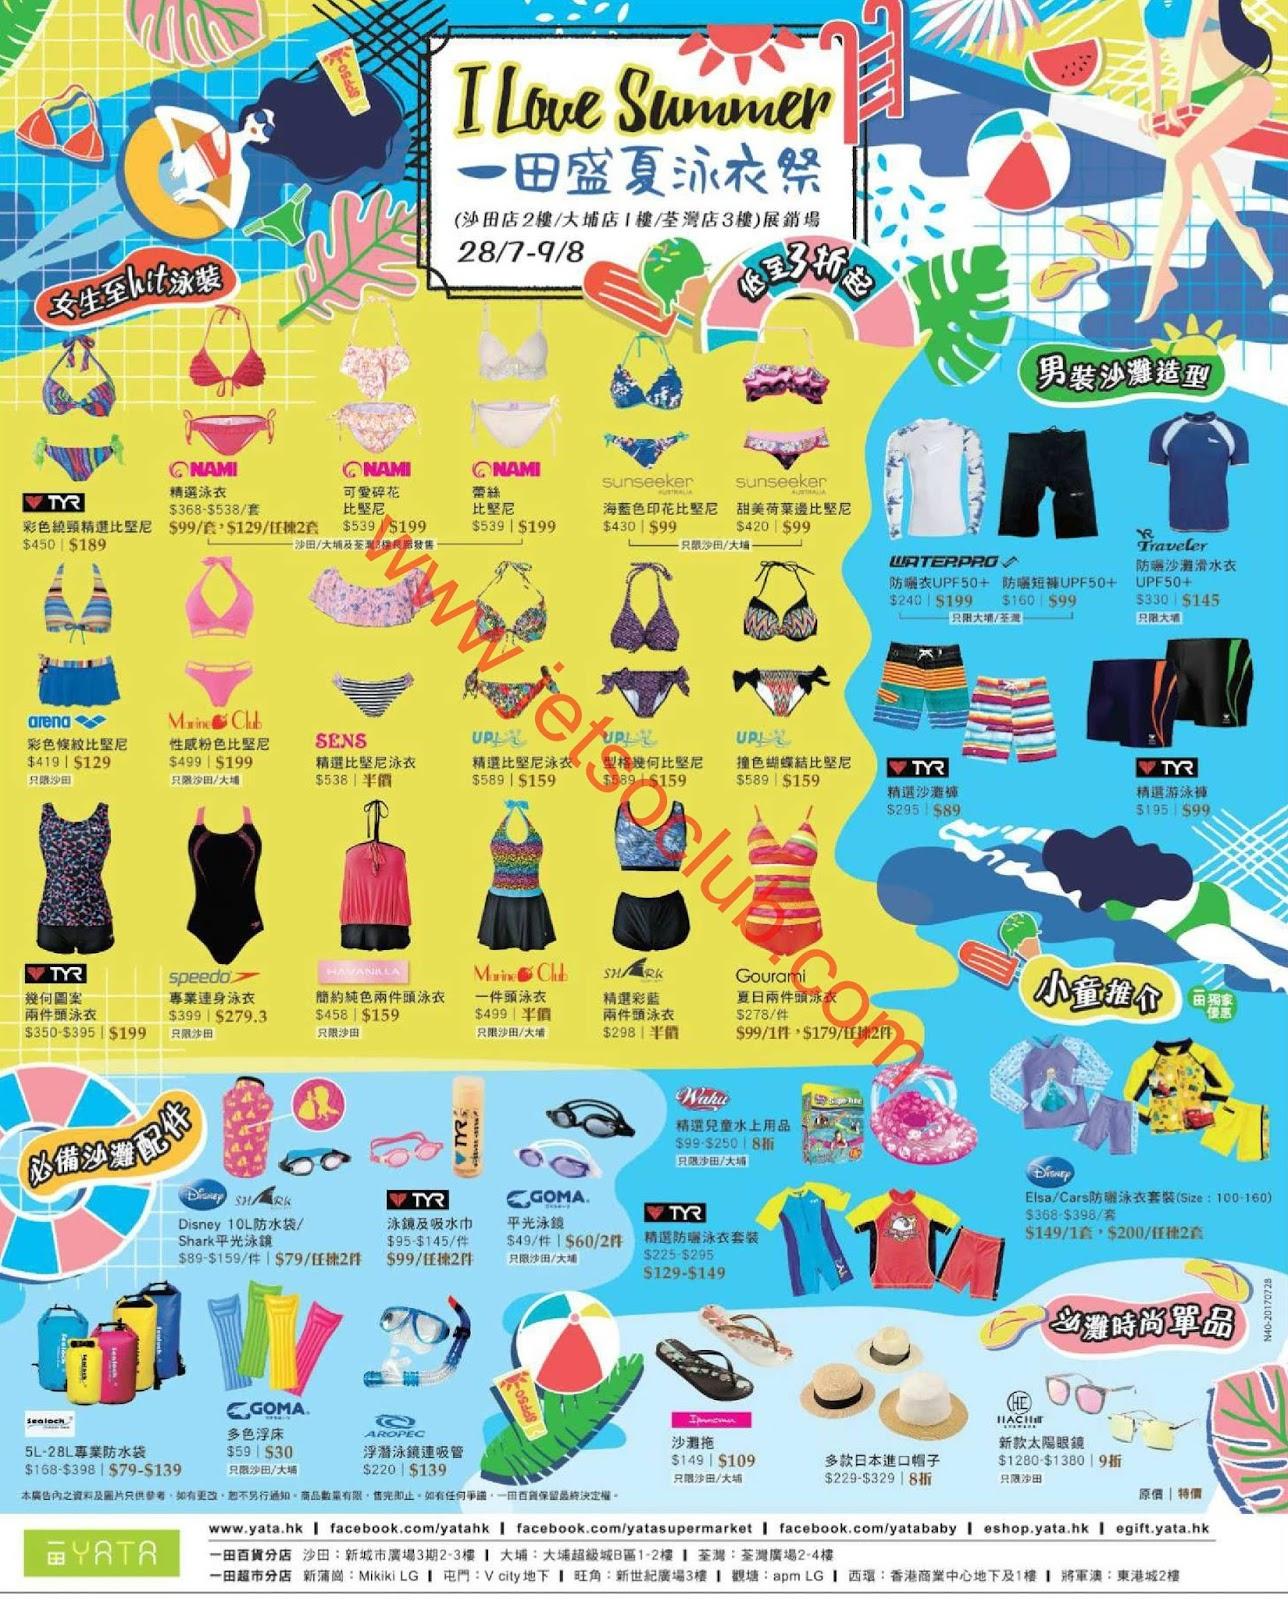 一田百貨:盛夏泳衣祭(28/7-9/8) ( Jetso Club 著數俱樂部 )